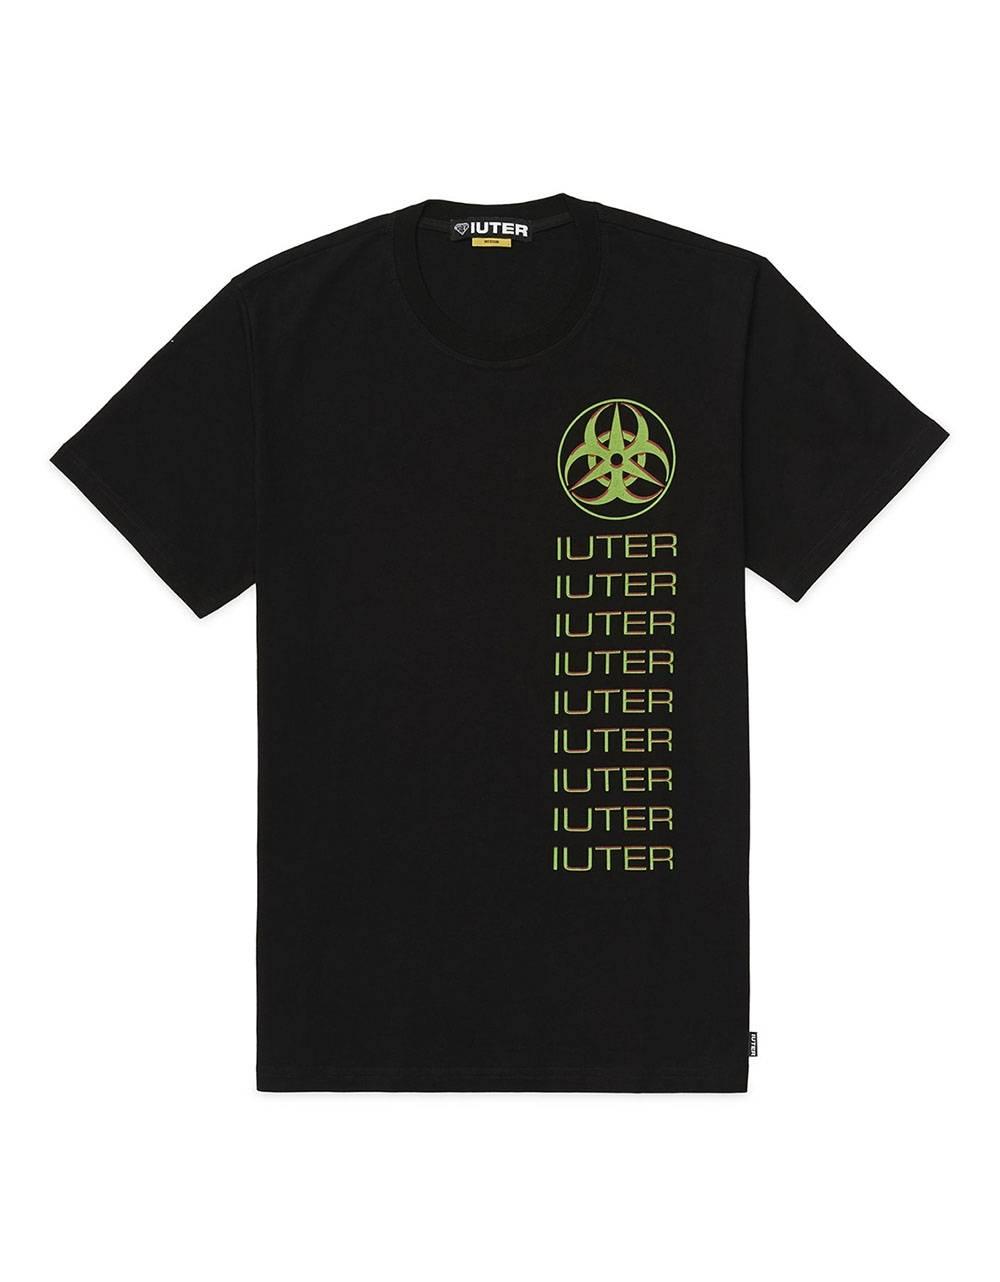 Iuter Toxic tee - Black IUTER T-shirt 32,79€